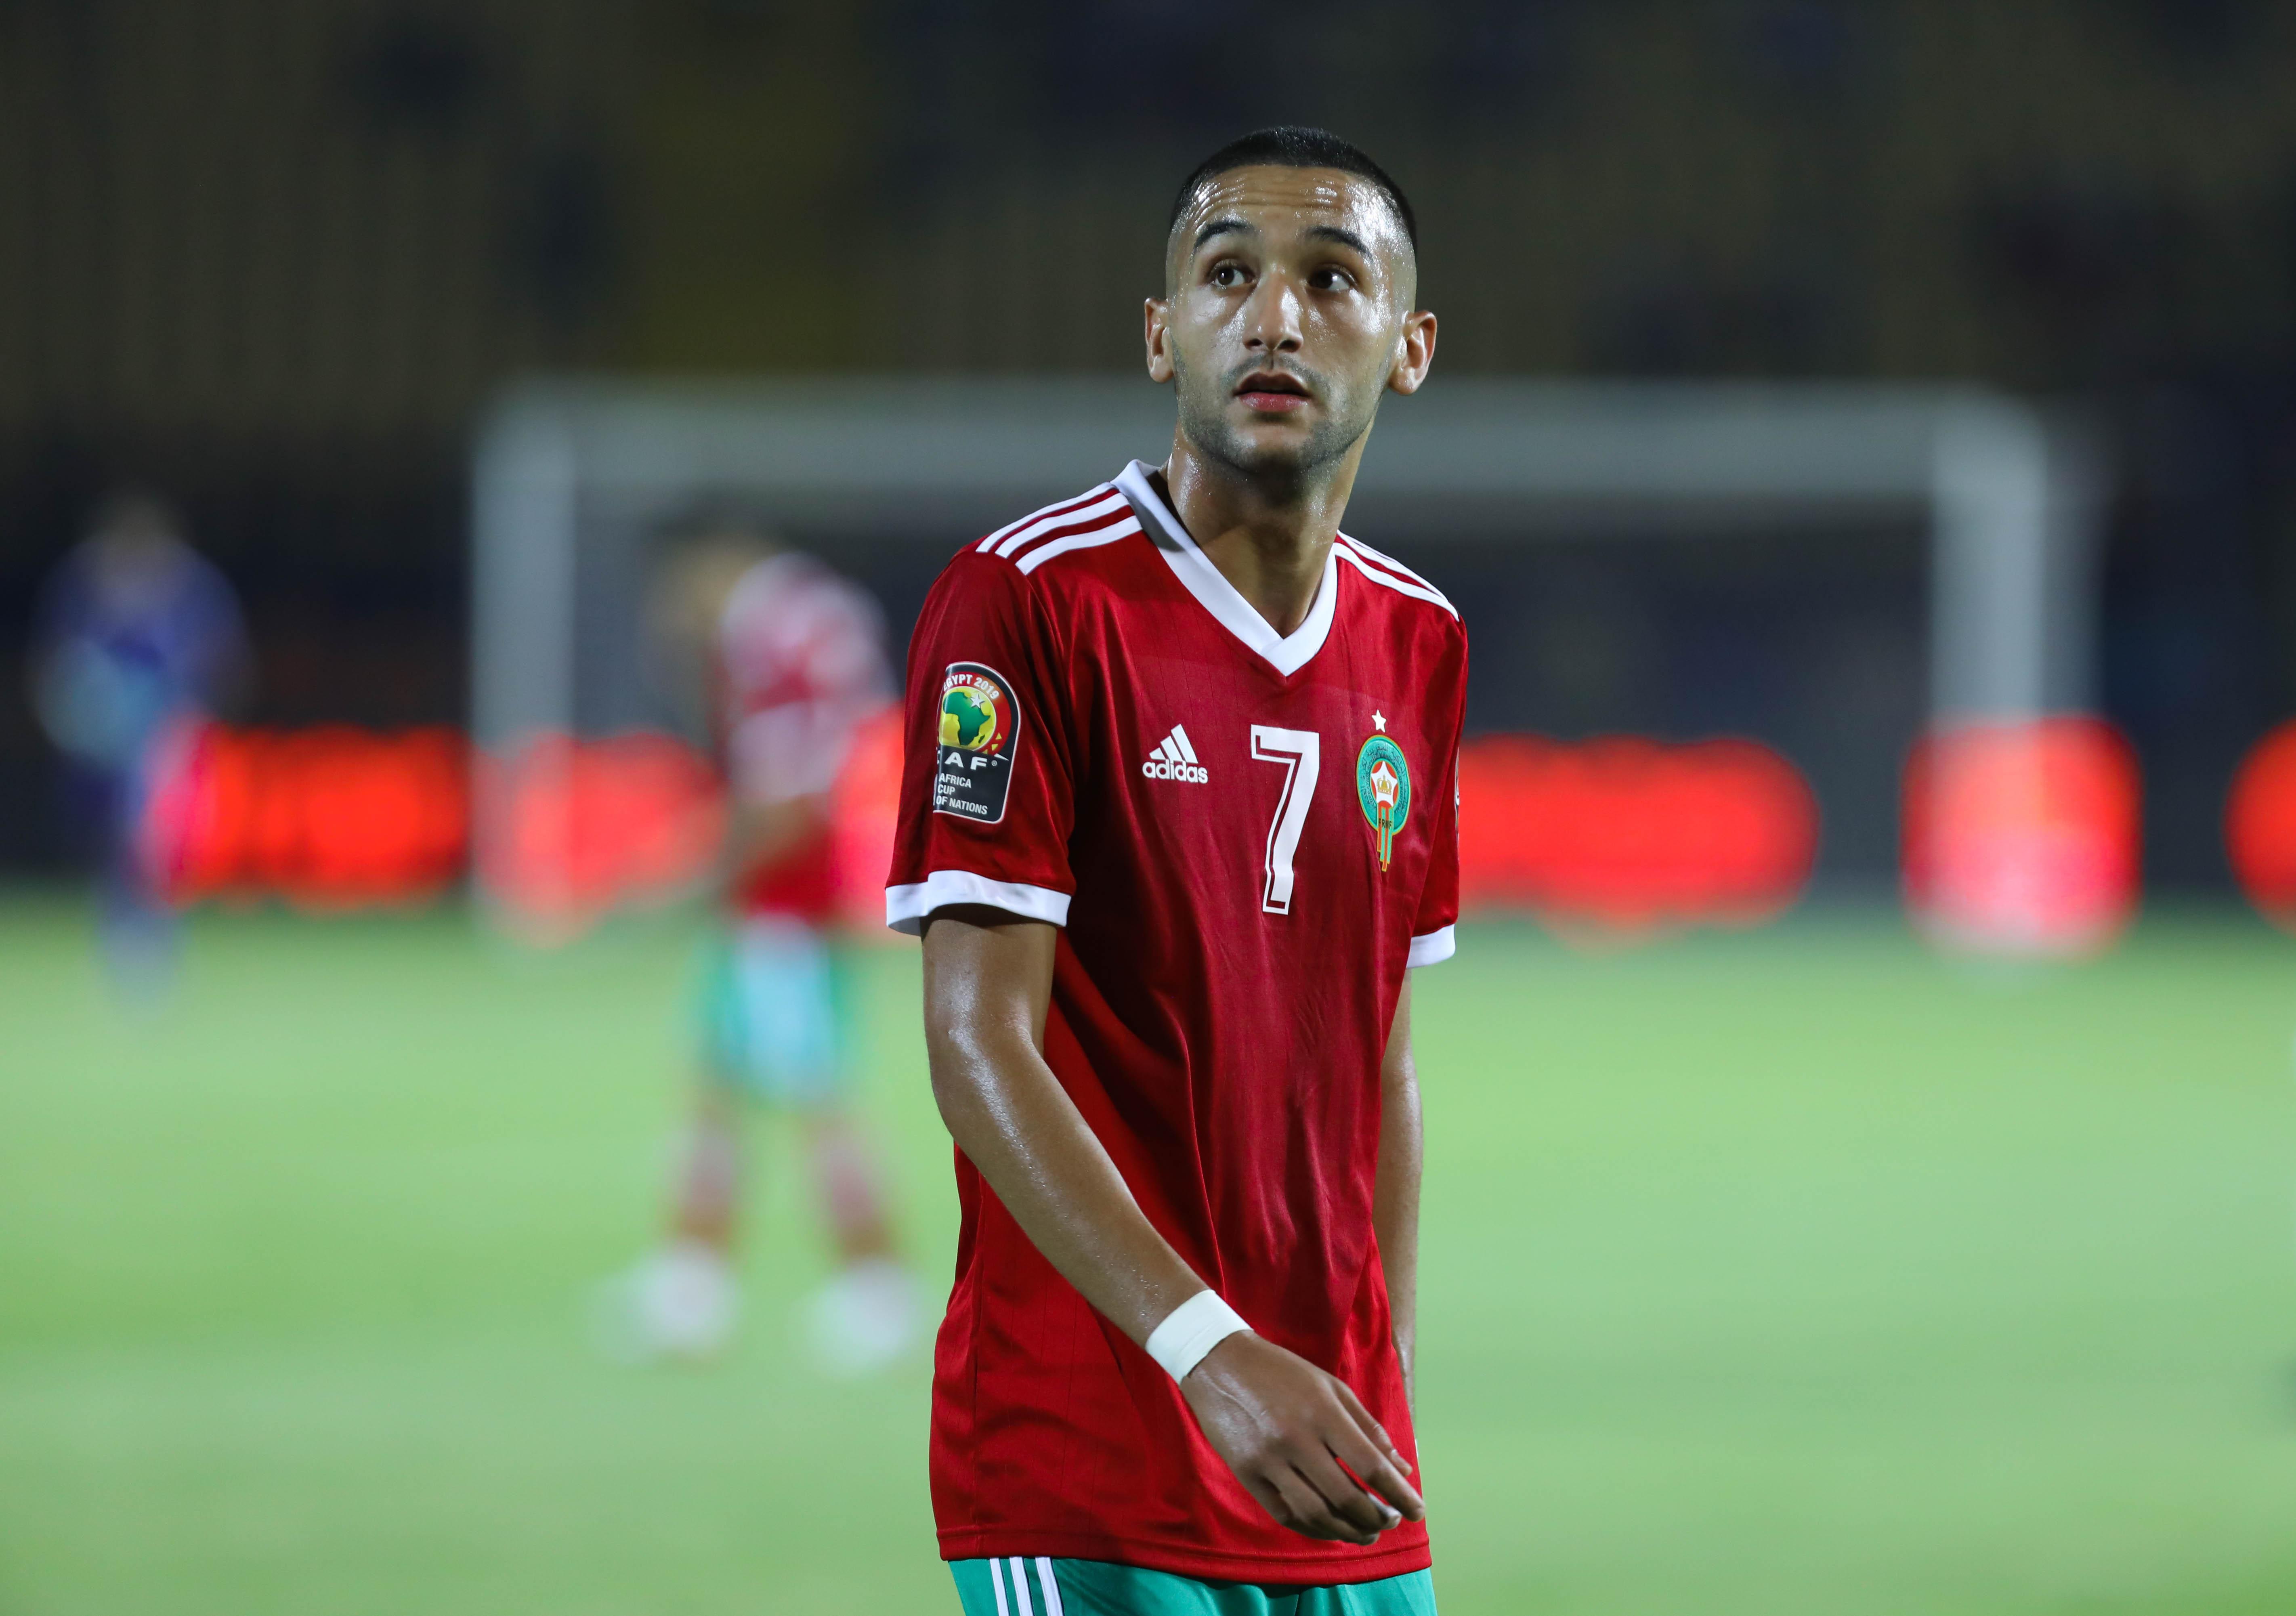 لعنة ضربة جزاء من مراكش لملعب السلام